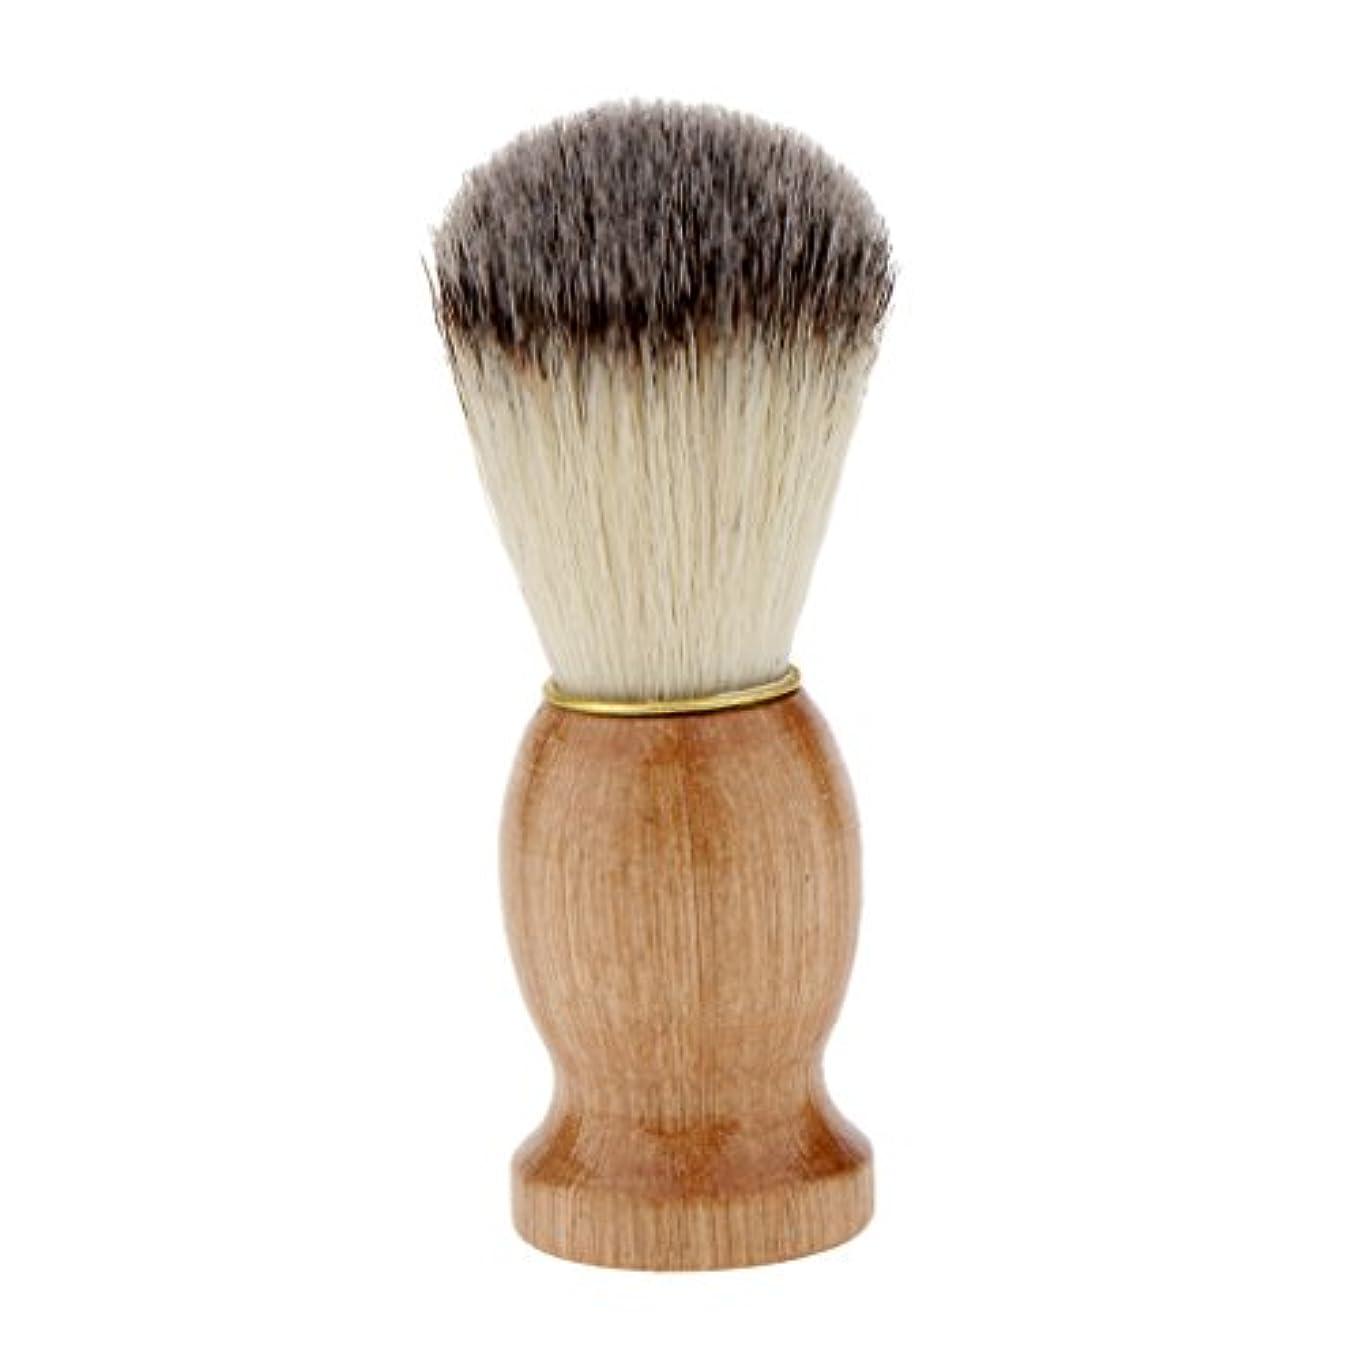 ハイランド解凍する、雪解け、霜解けアナログ男性ギフト剃毛シェービングブラシプロ理髪店サロン剛毛ブラシウッドハンドルダストクリーニングツール